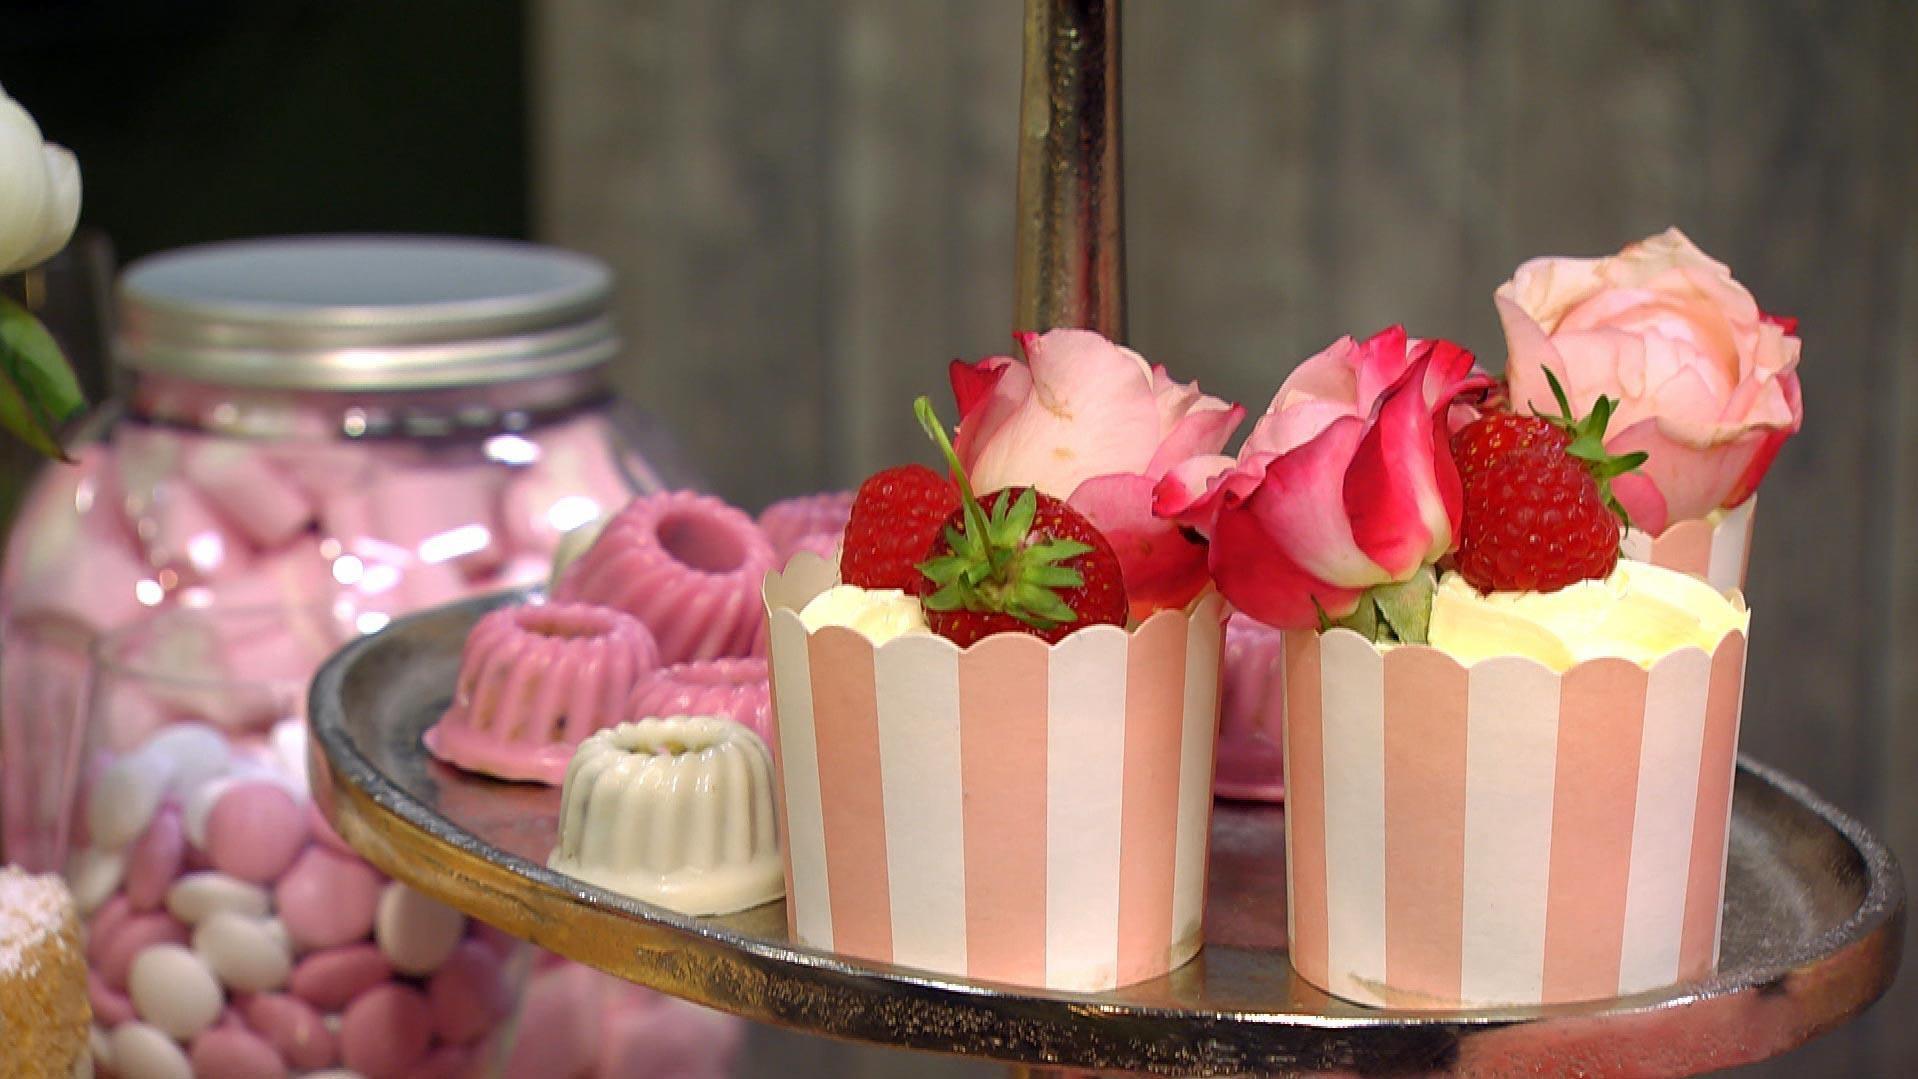 Sweet Table – das zuckersüße Buffet für den besonderen Anlass: Rübli-Cupcakes